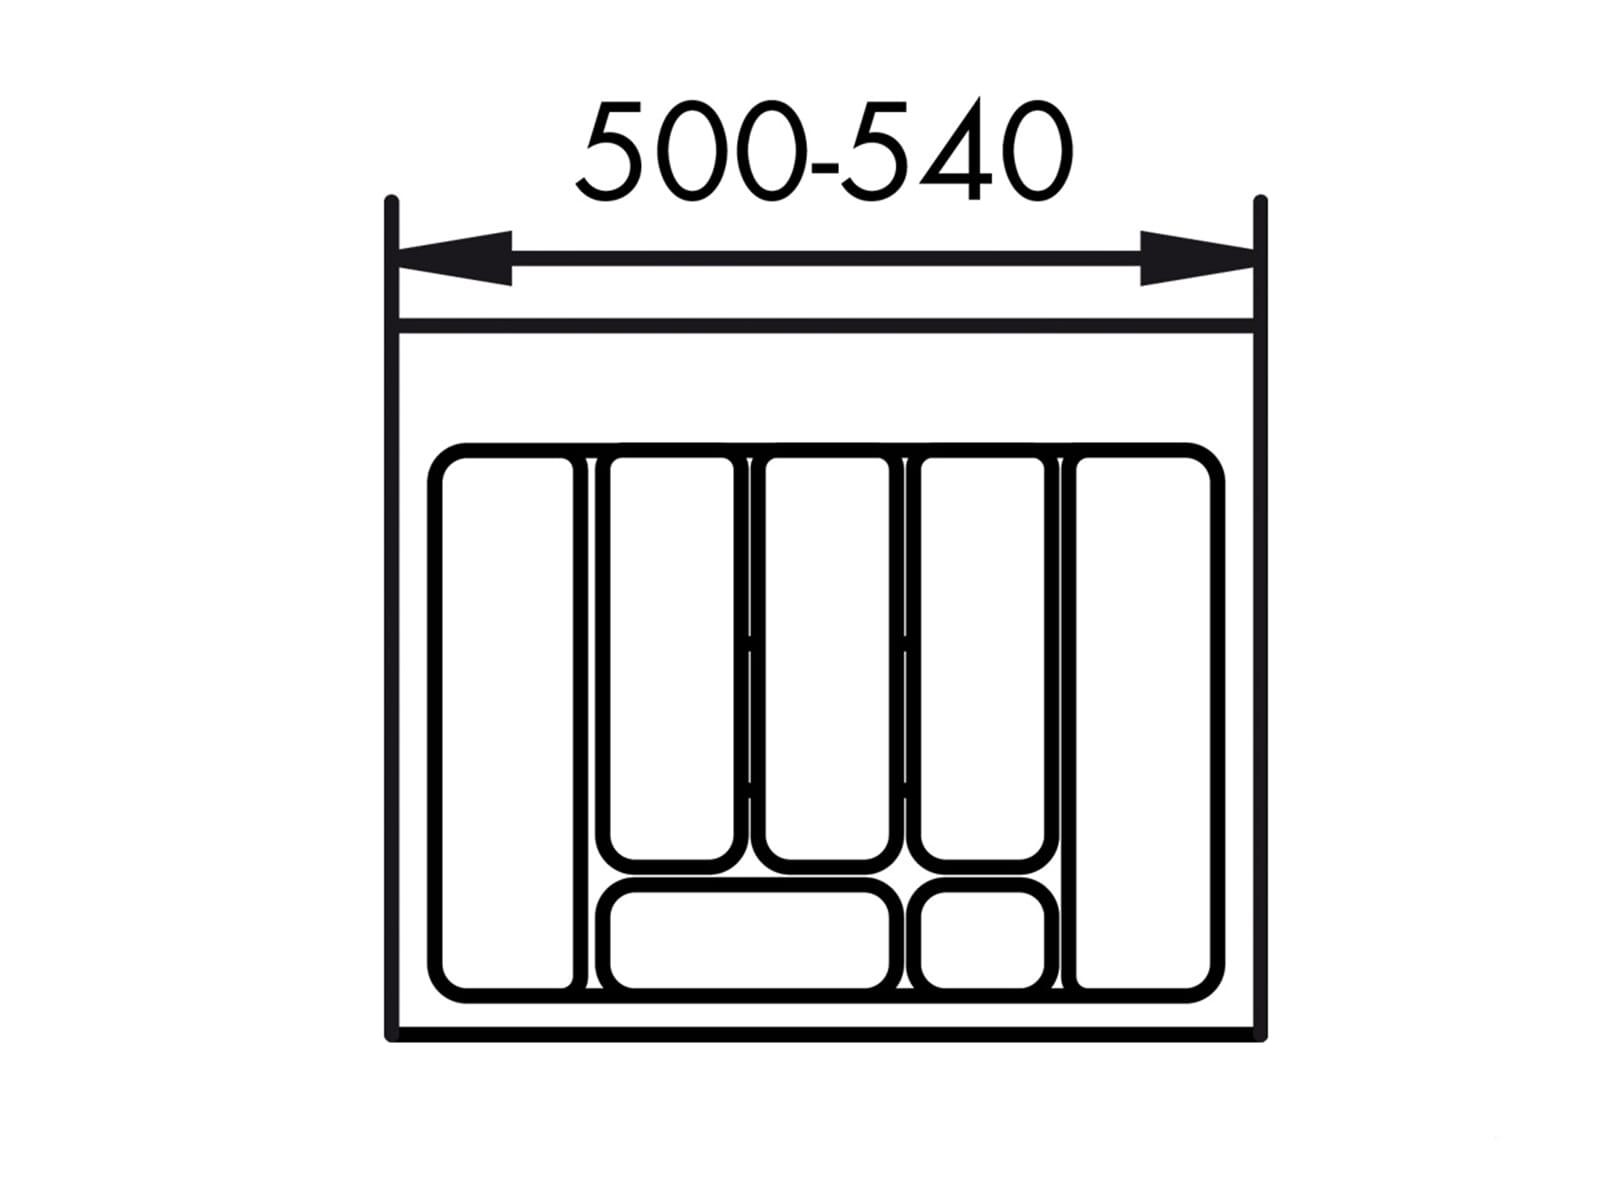 Naber 803.4.124 Besteckeinsatz 2 60er Breite